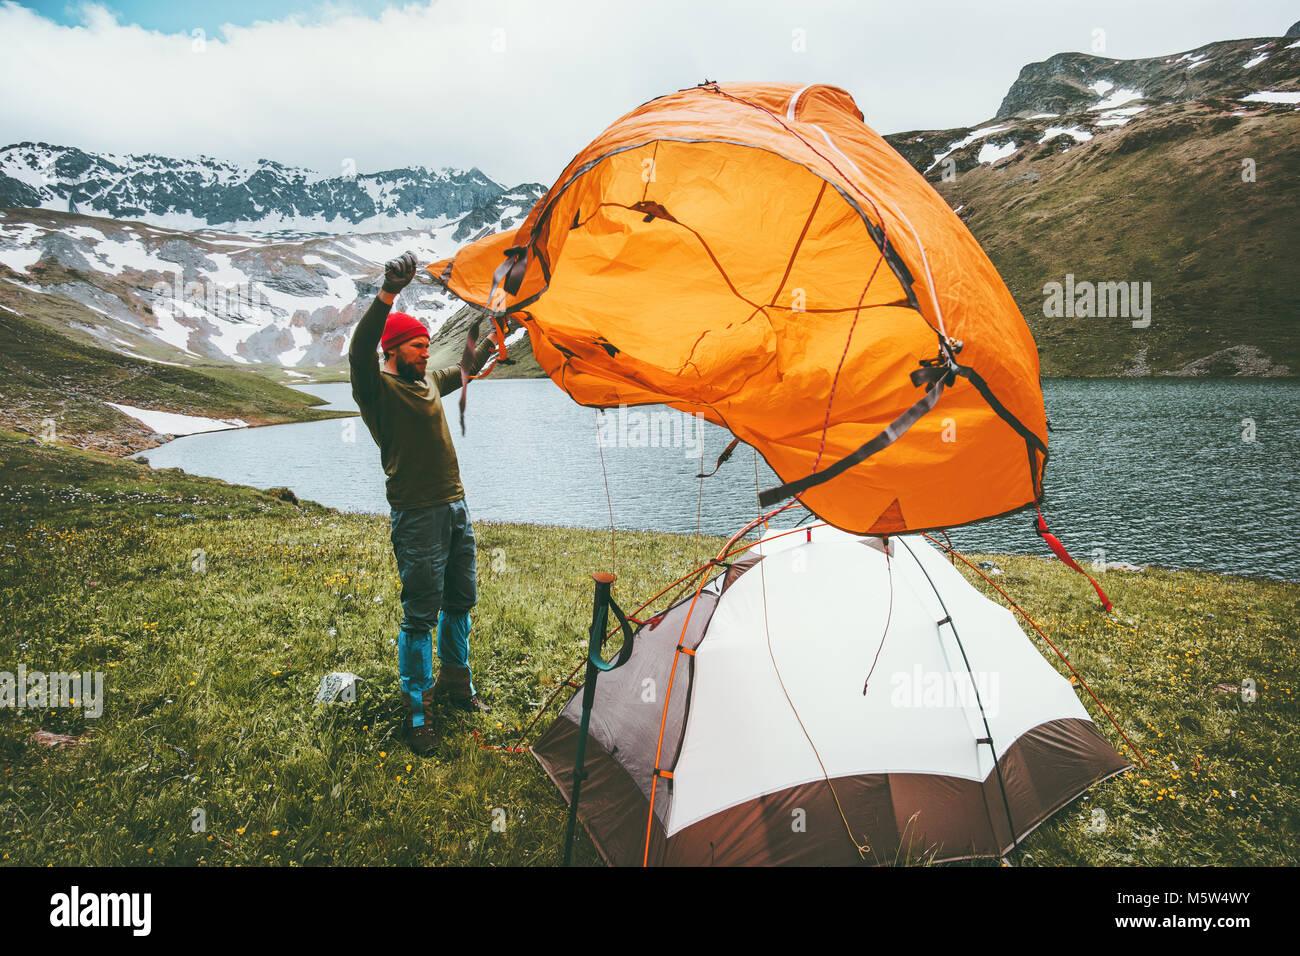 Hombre viajero pitch acampar marcha de viaje de aventura al aire libre Concepto de estilo de vida en el paisaje Imagen De Stock